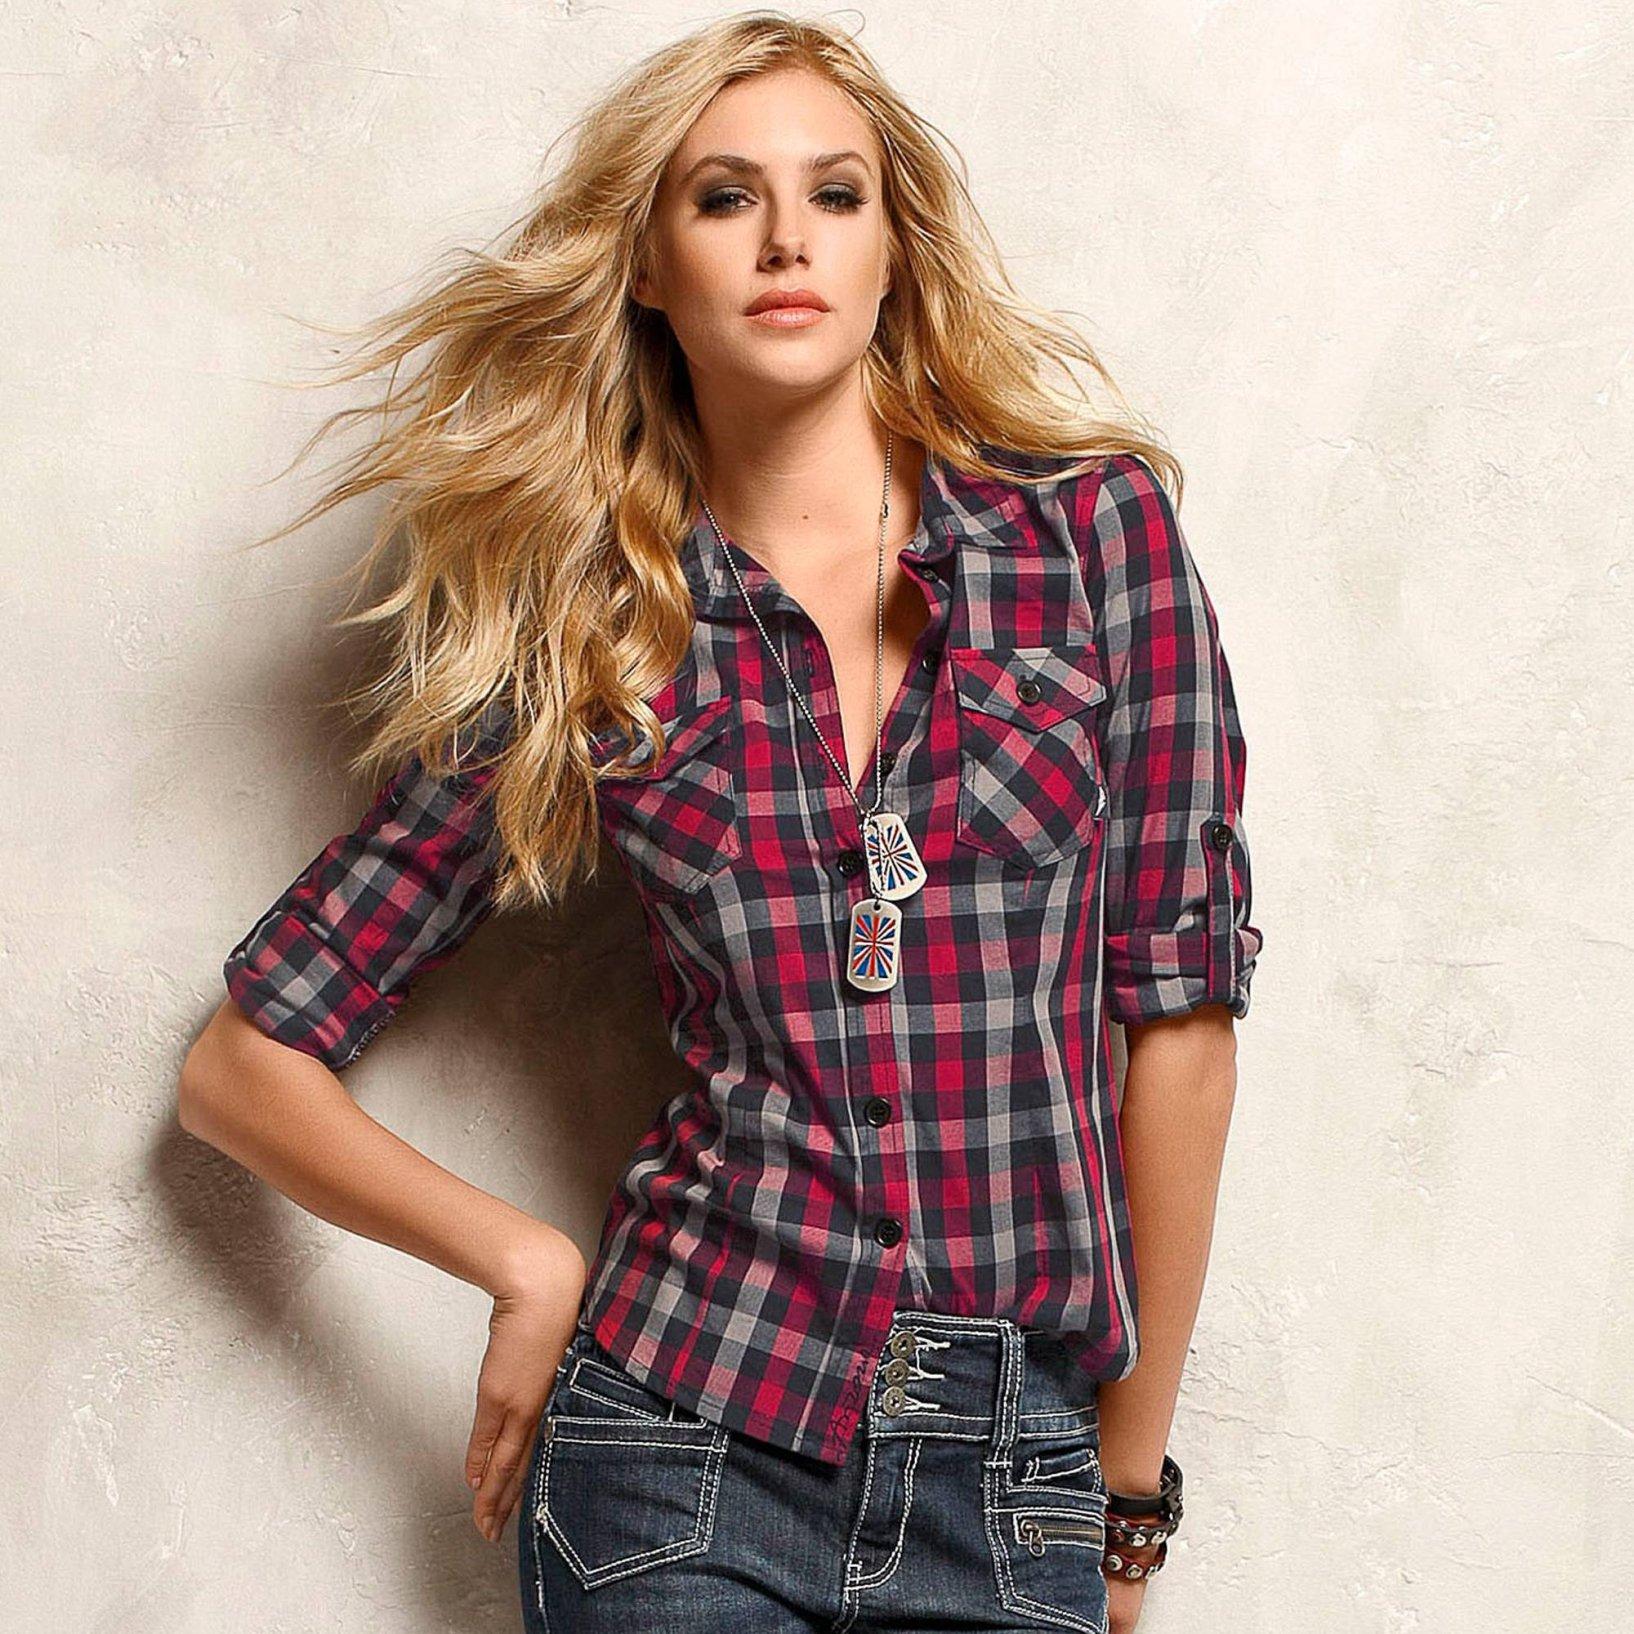 3b1a143c43c1 Je veux trouver une belle chemise femme et agréable à porter pas cher ICI  Chemise femme esprit